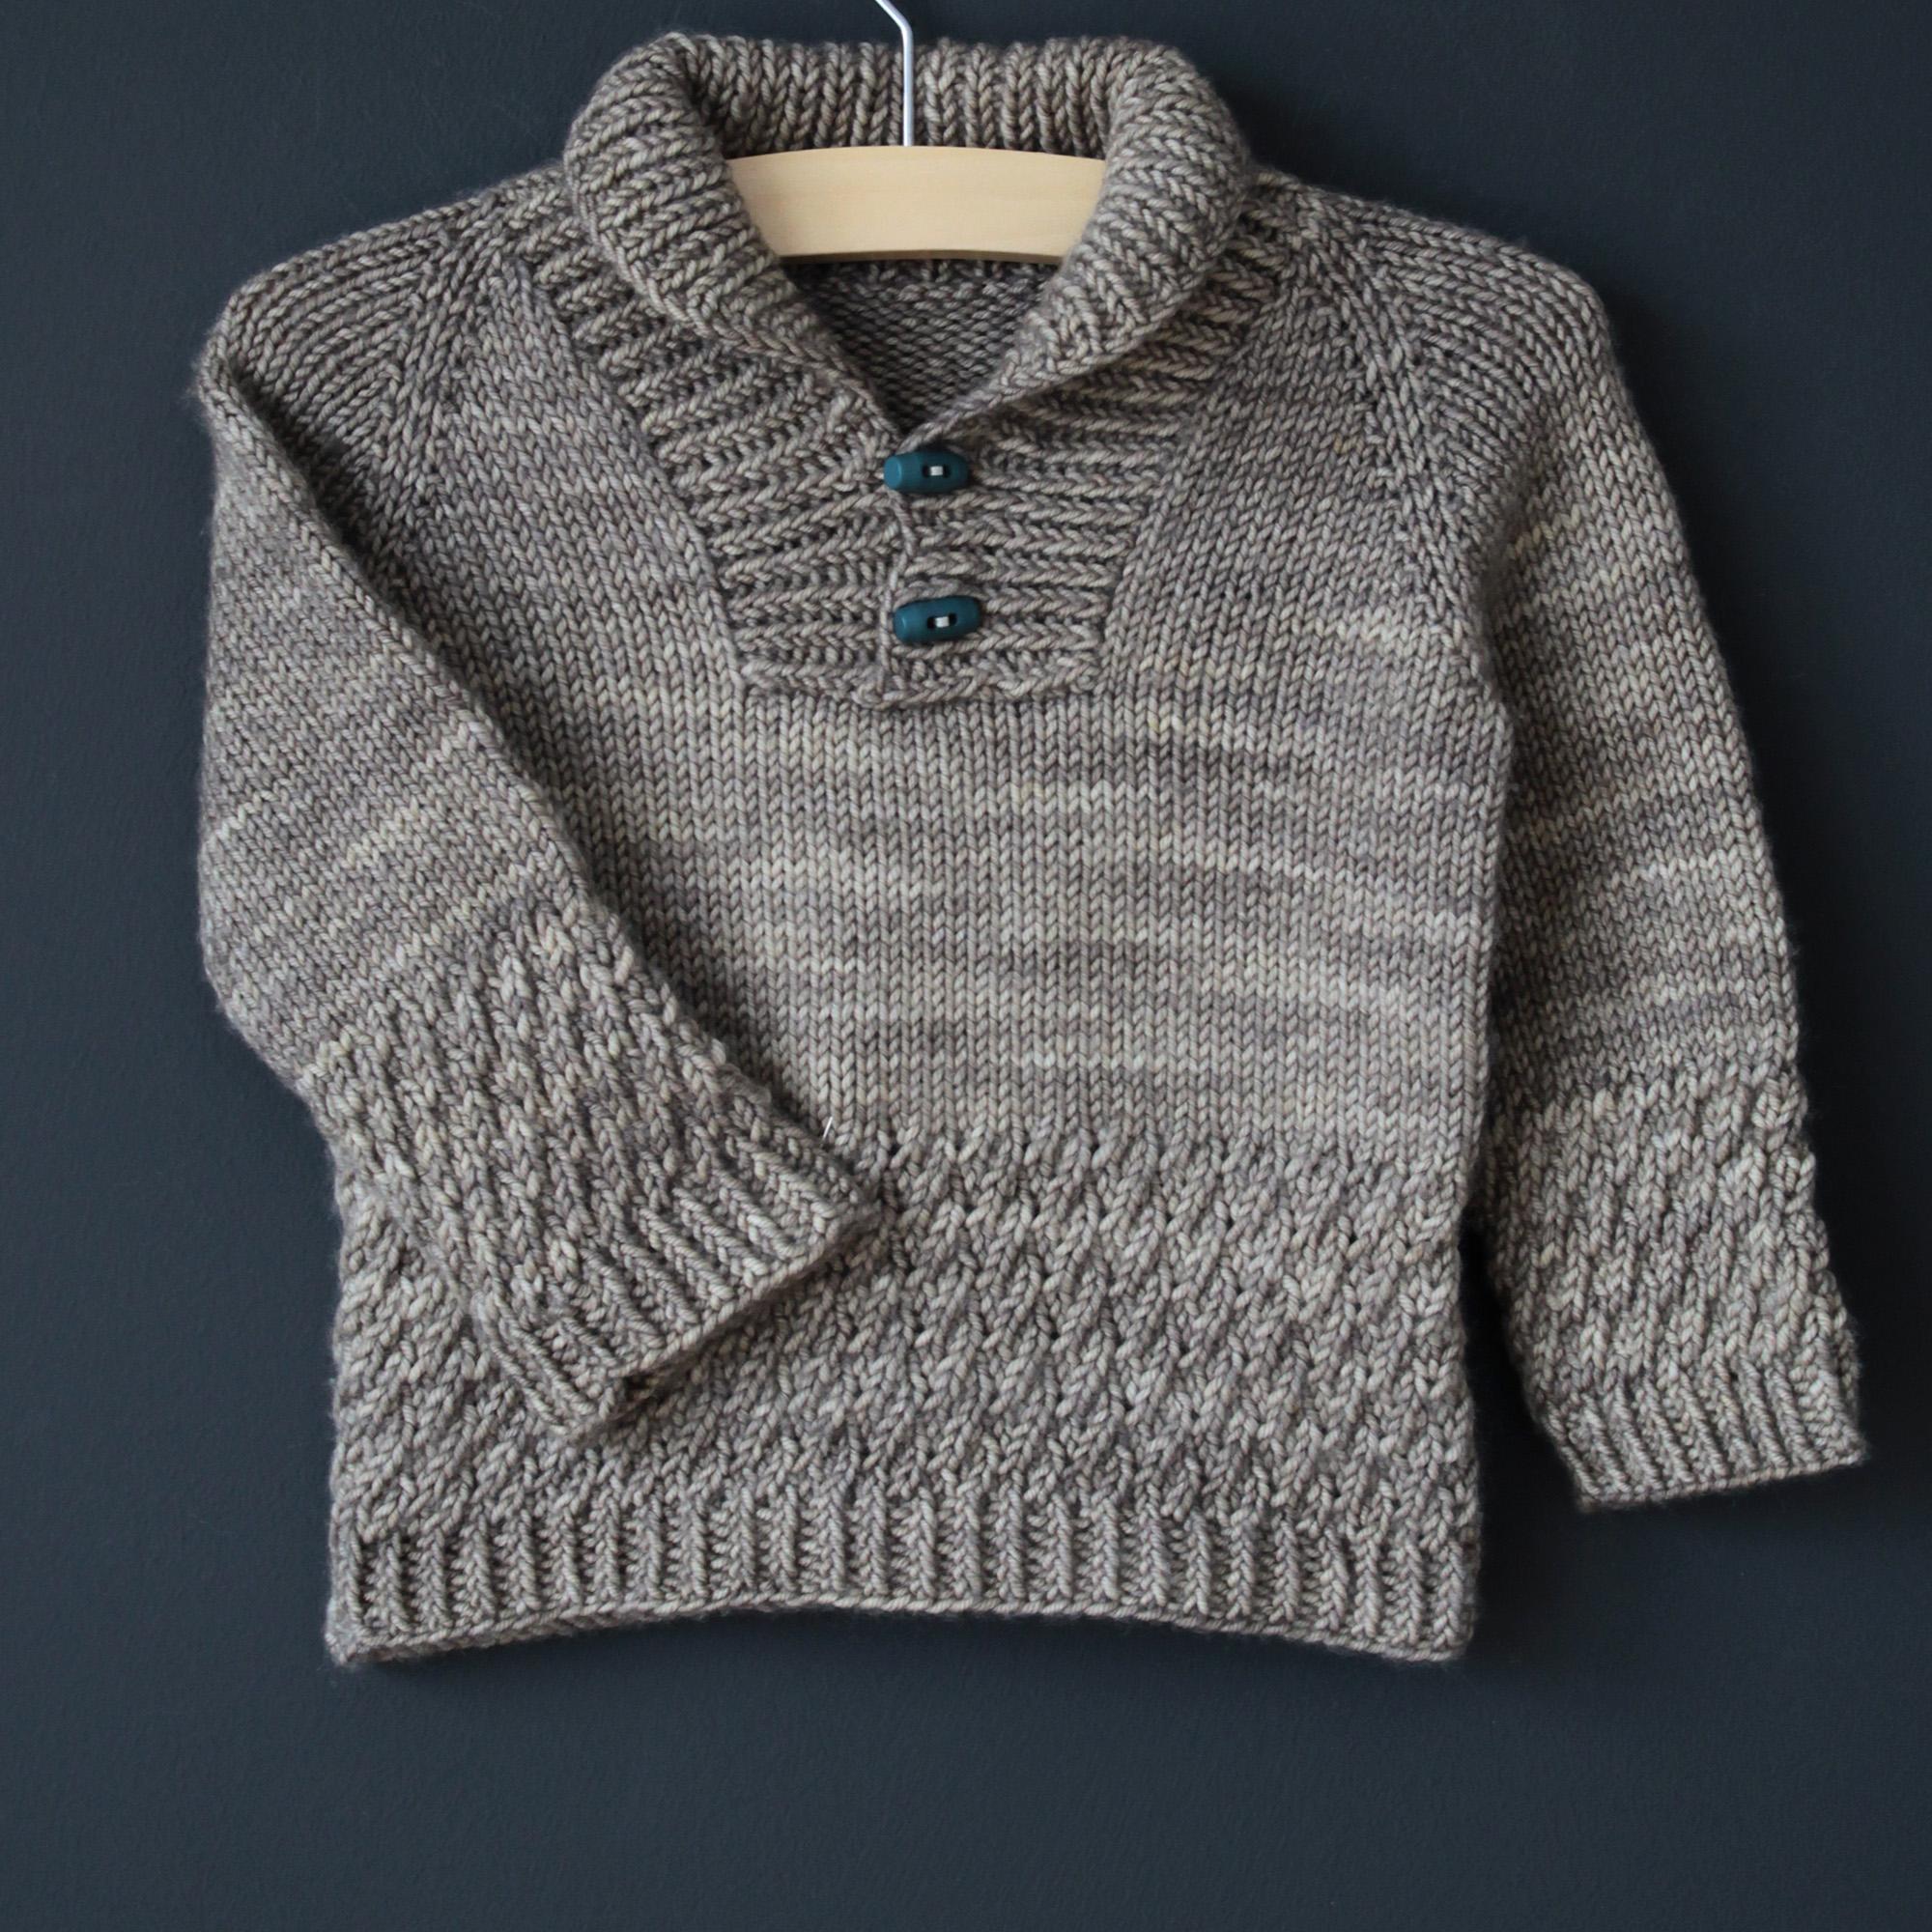 BoySweater3_2000.jpg